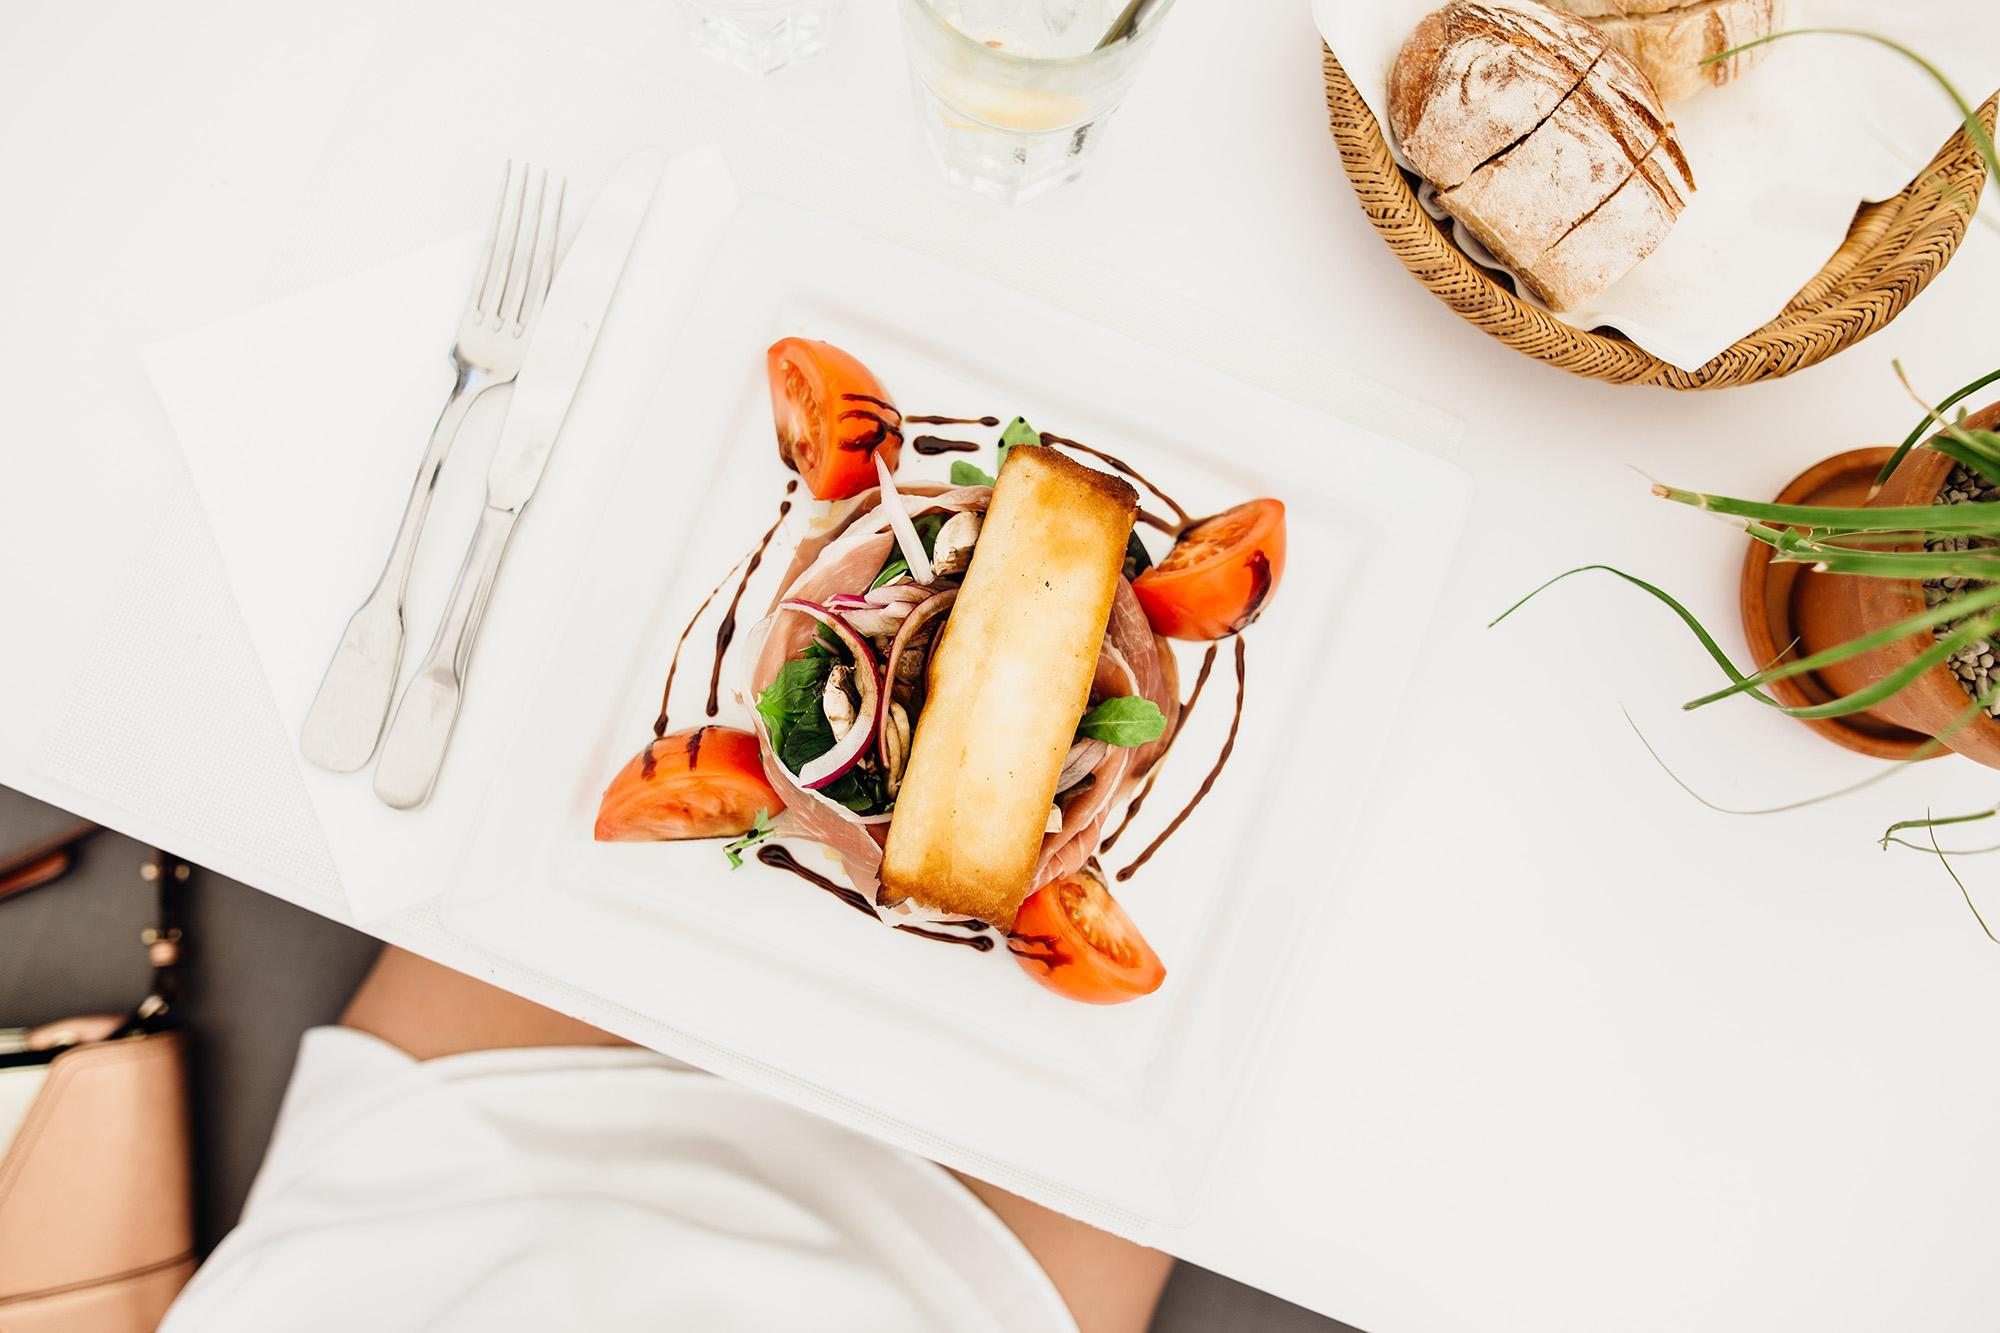 si-moda-monaco-lunch-3